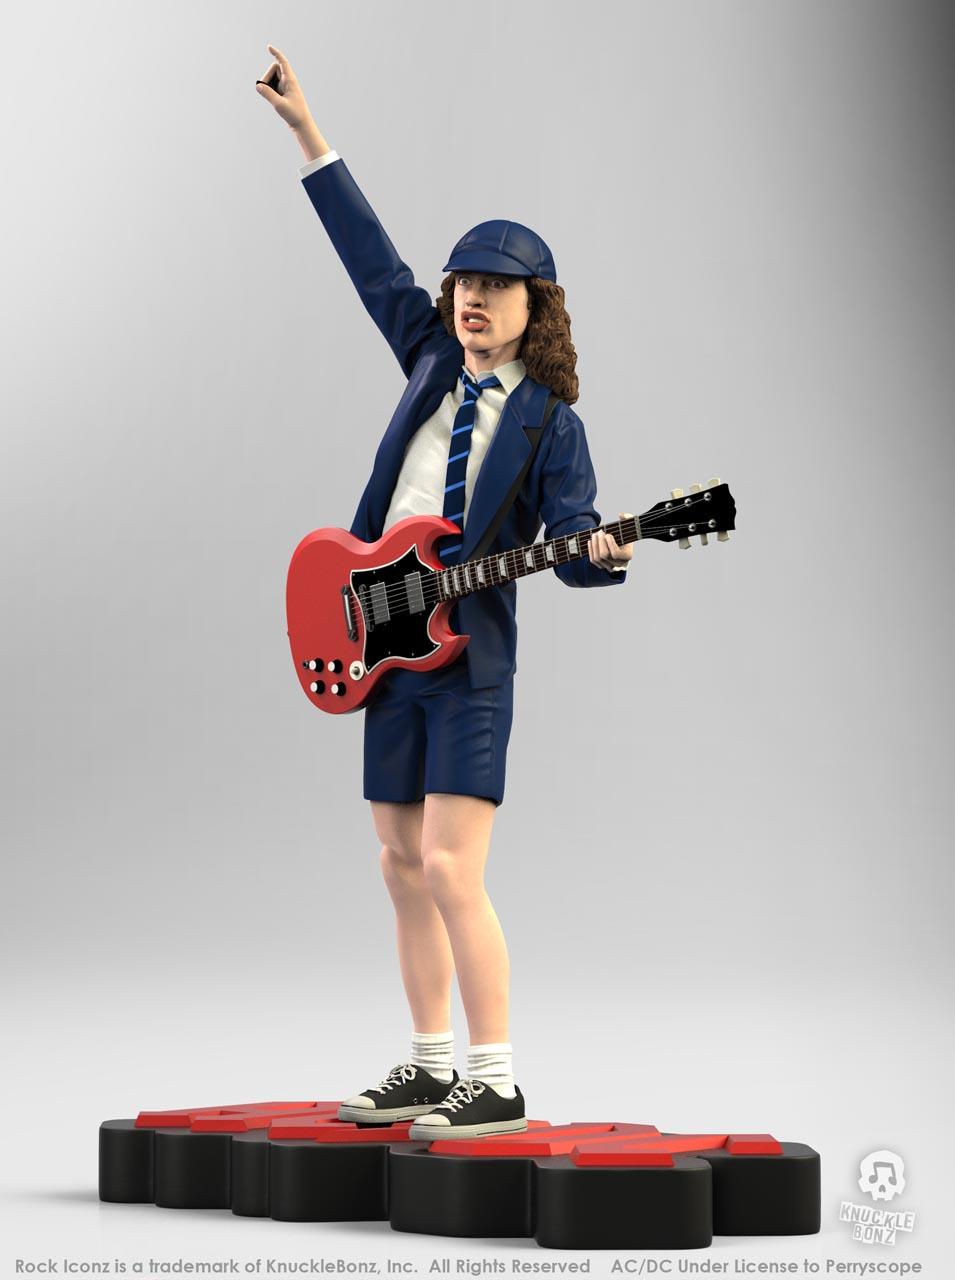 La nouvelle statue d'ANGUS YOUNG 'Rock Iconz' bientôt disponible Angus-11